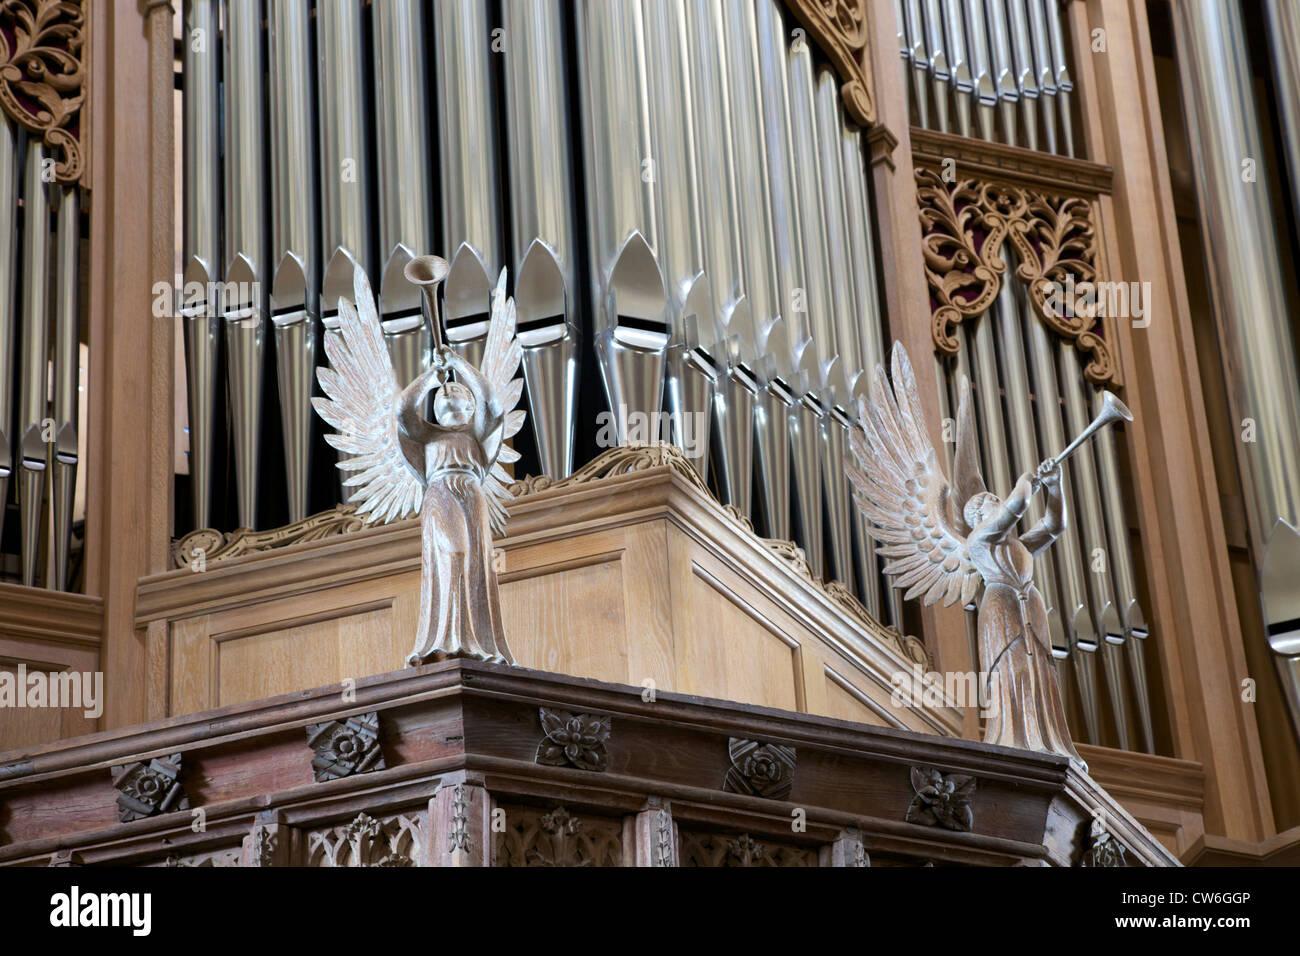 Angeli scolpiti sulla carcassa di organo, St. Davids cattedrale, Pembrokeshire National Park, Galles Cymru, Regno Immagini Stock